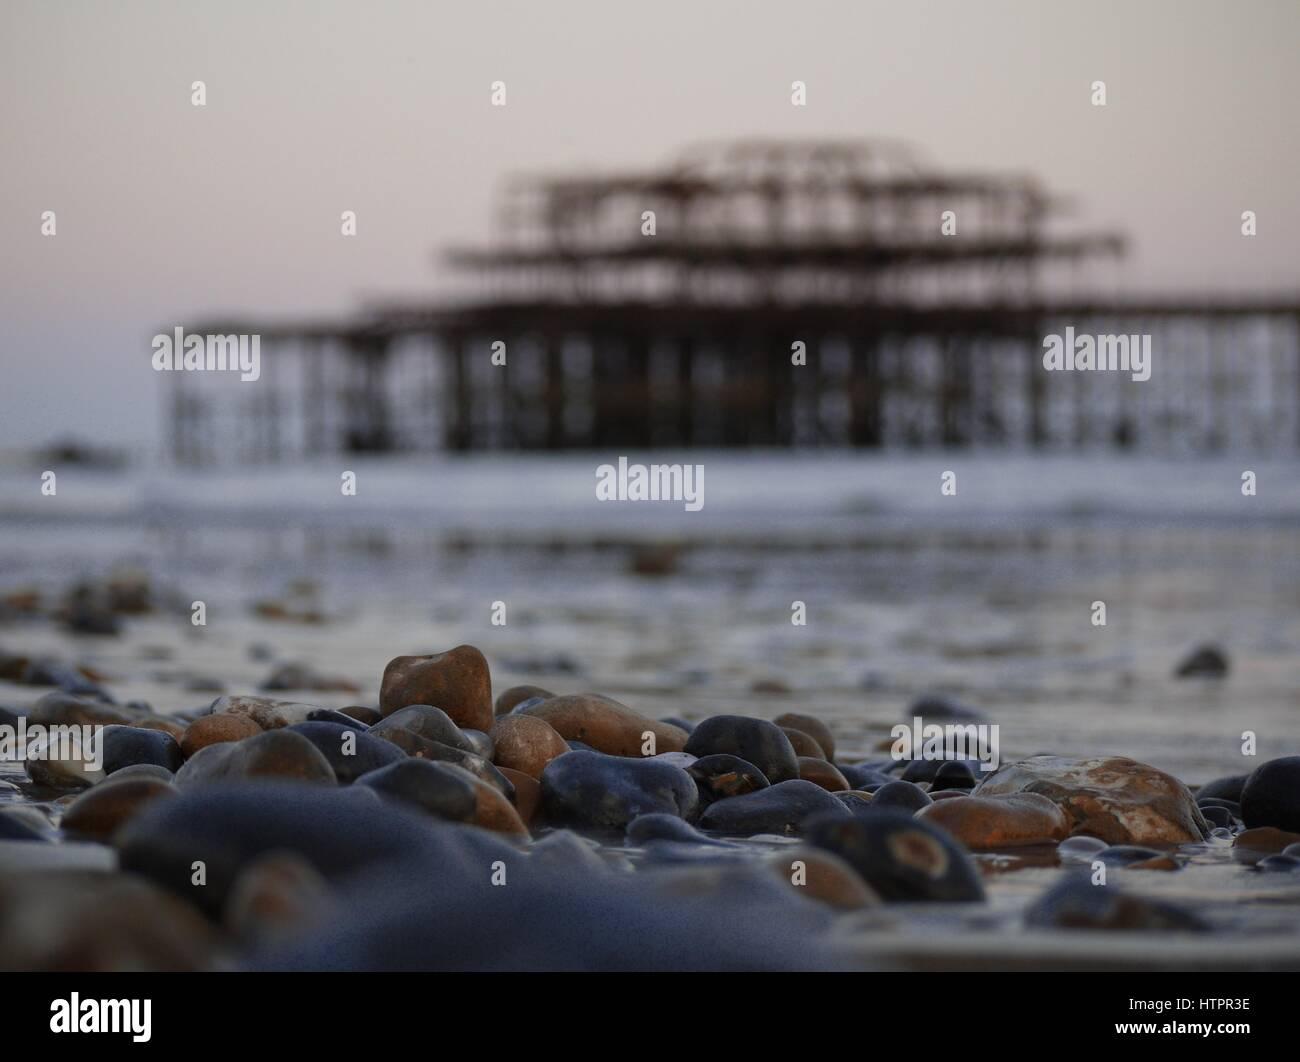 Sonnenuntergang am Pier West, Brighton und Hove, UK. Stockbild